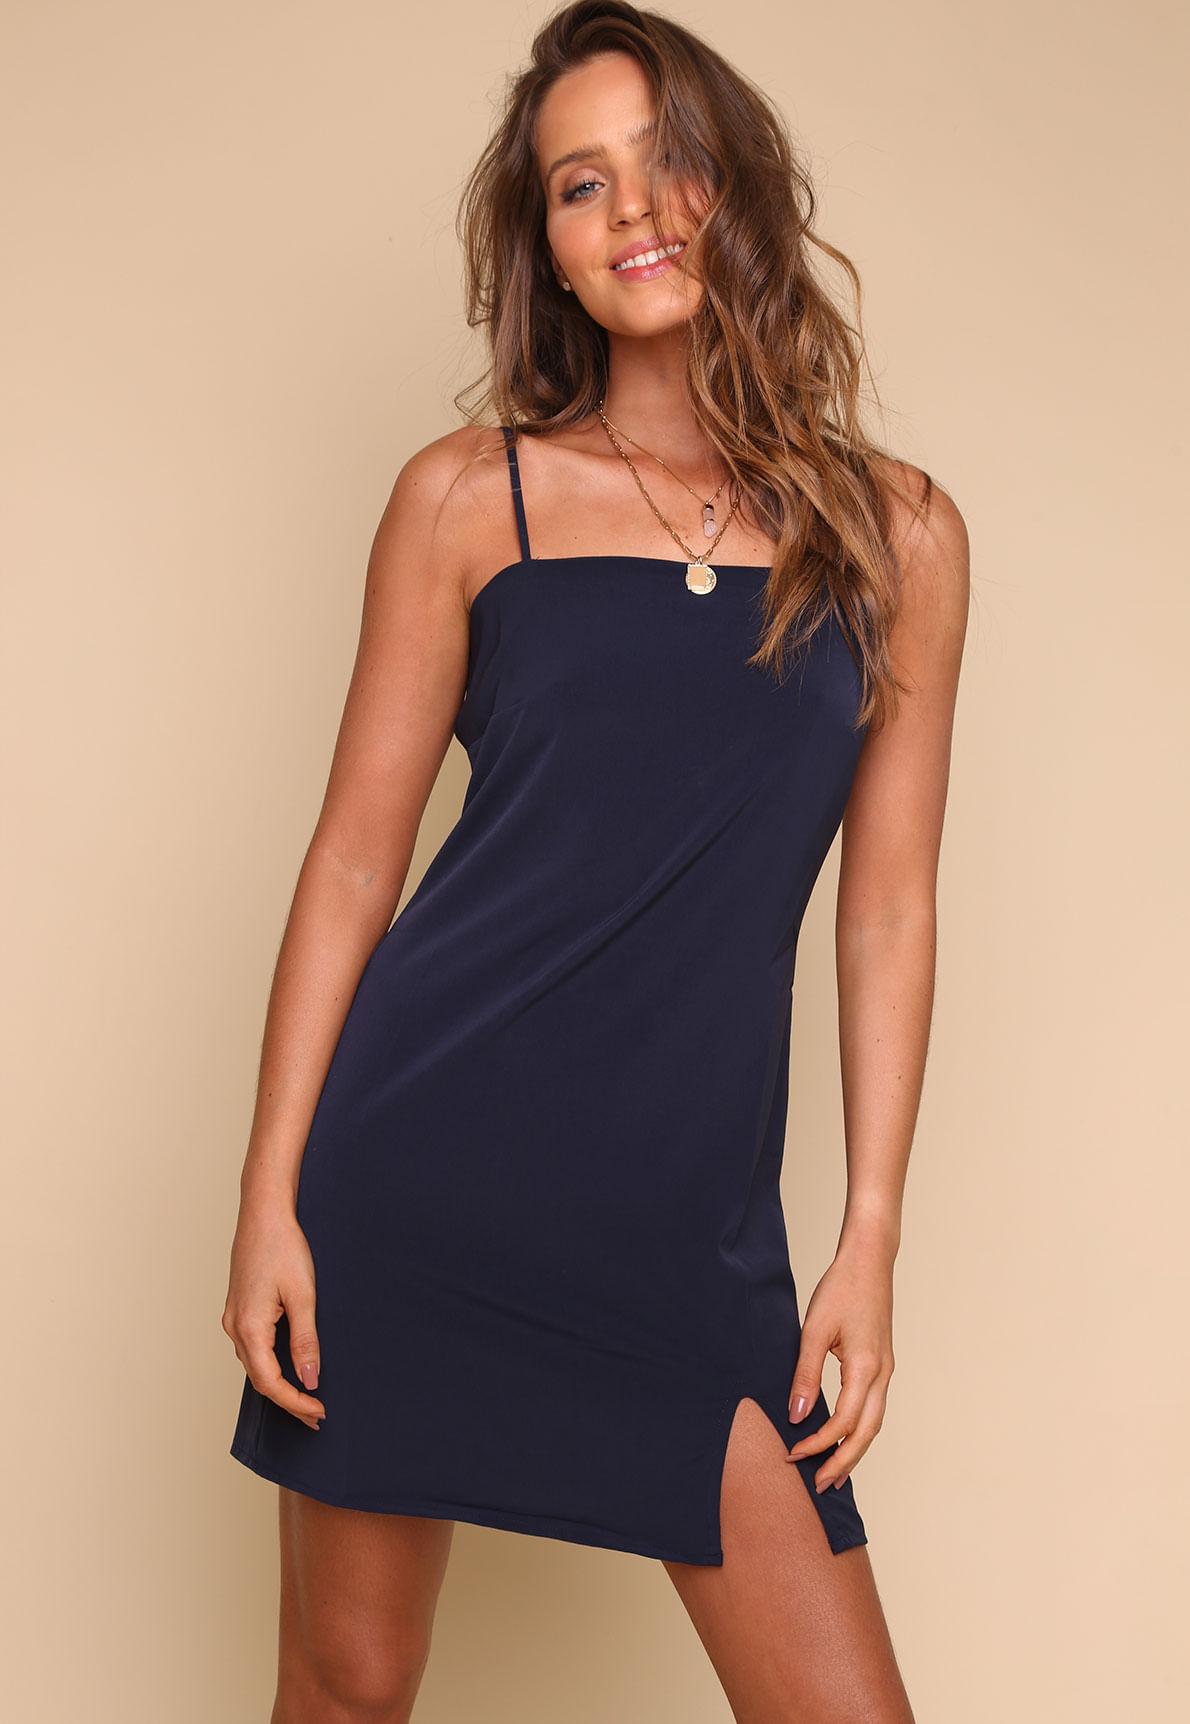 30985-vestido-curto-azul-fenda-lateral-mada-mundo-lolita-08